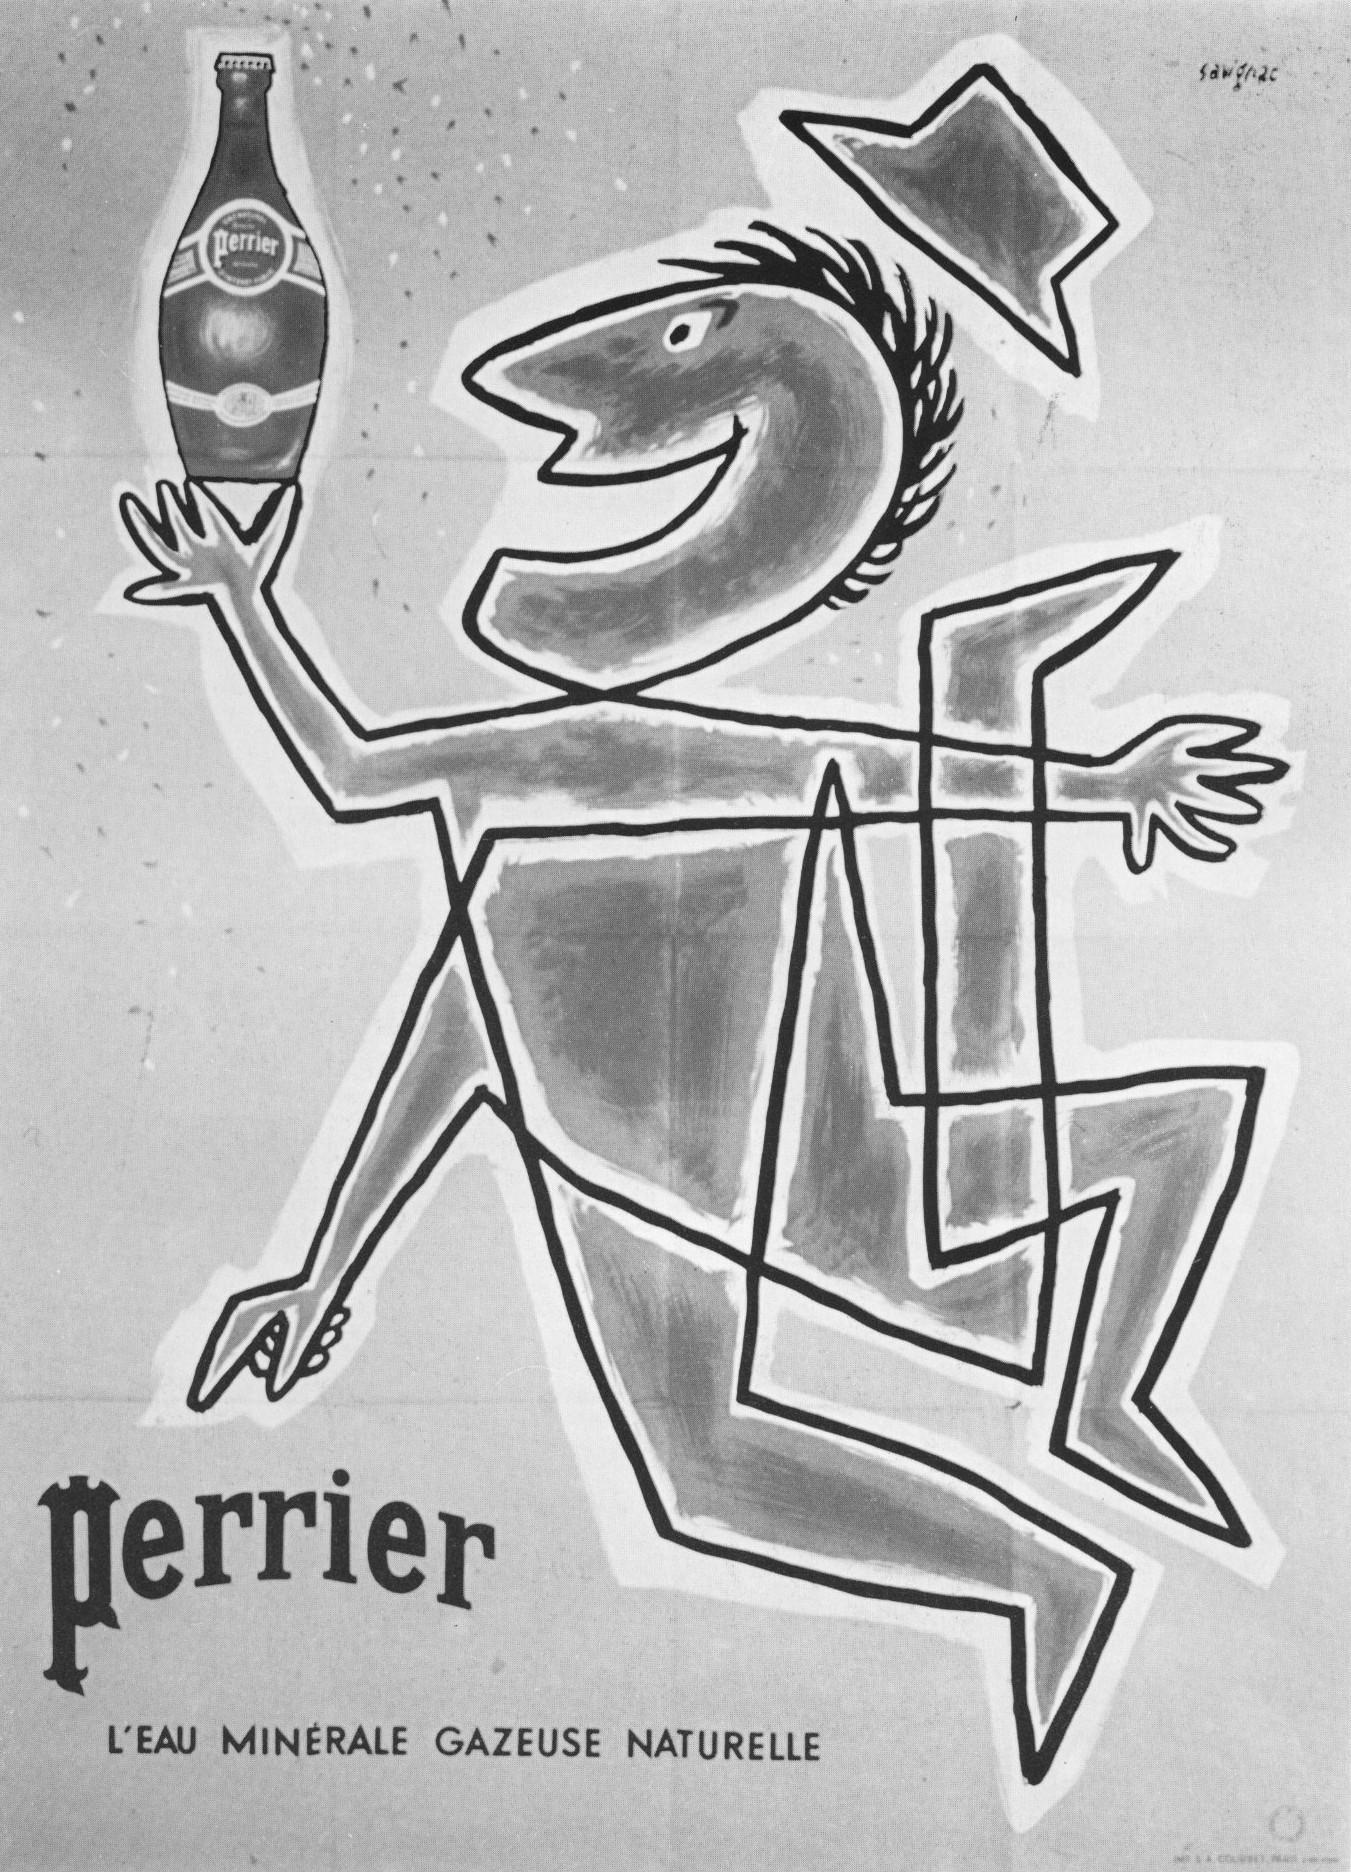 Publicite 1950 1965 29